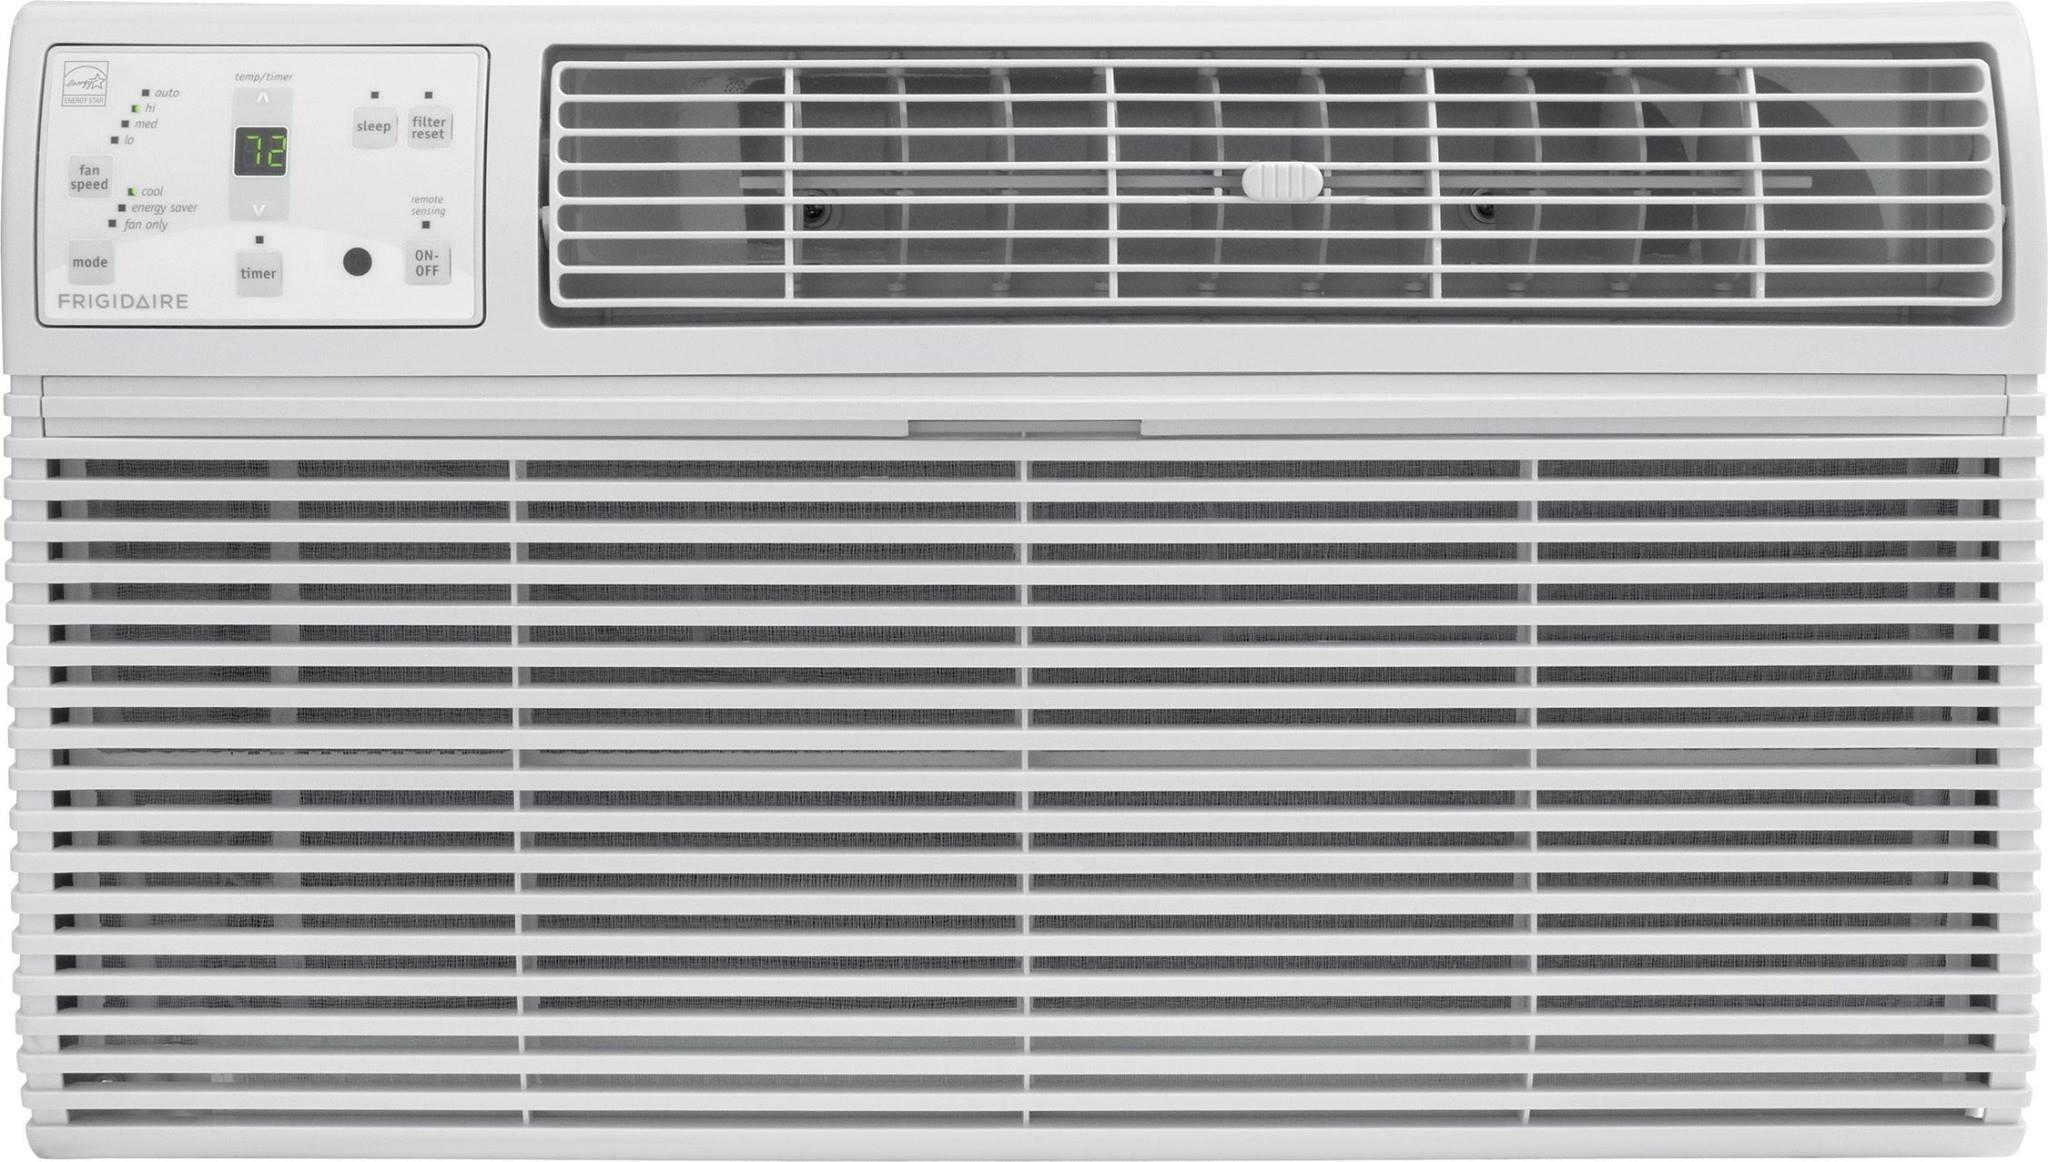 Model: FFTA1033Q2 Style: 10 000 BTU Thru the Wall Air Conditioner #5C6751